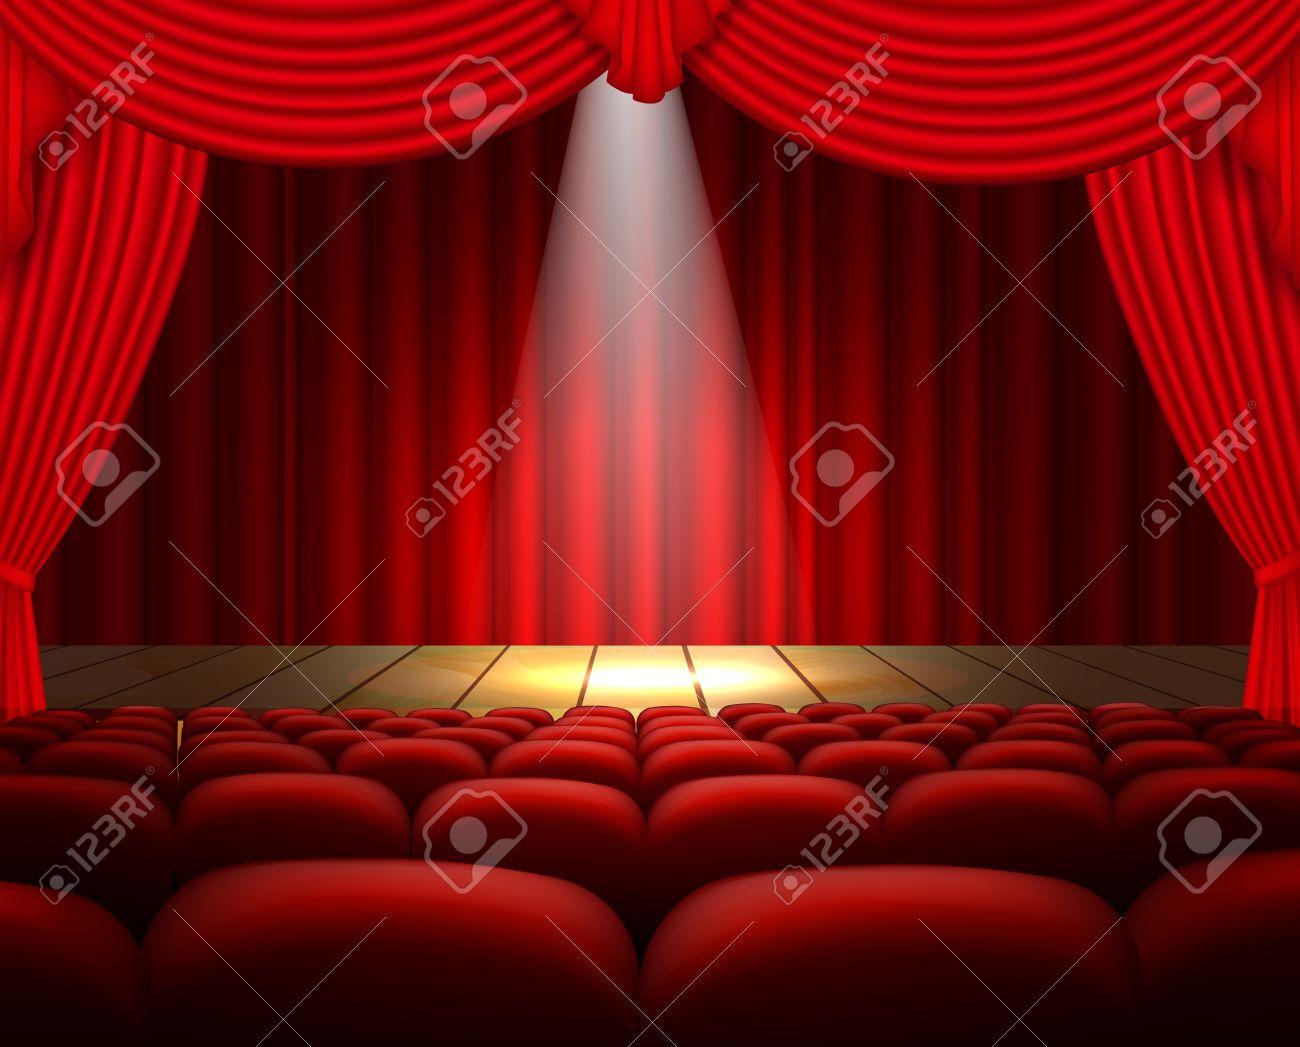 un escenario de teatro con asientos para cortinas rojas y un centro de atencin foto de